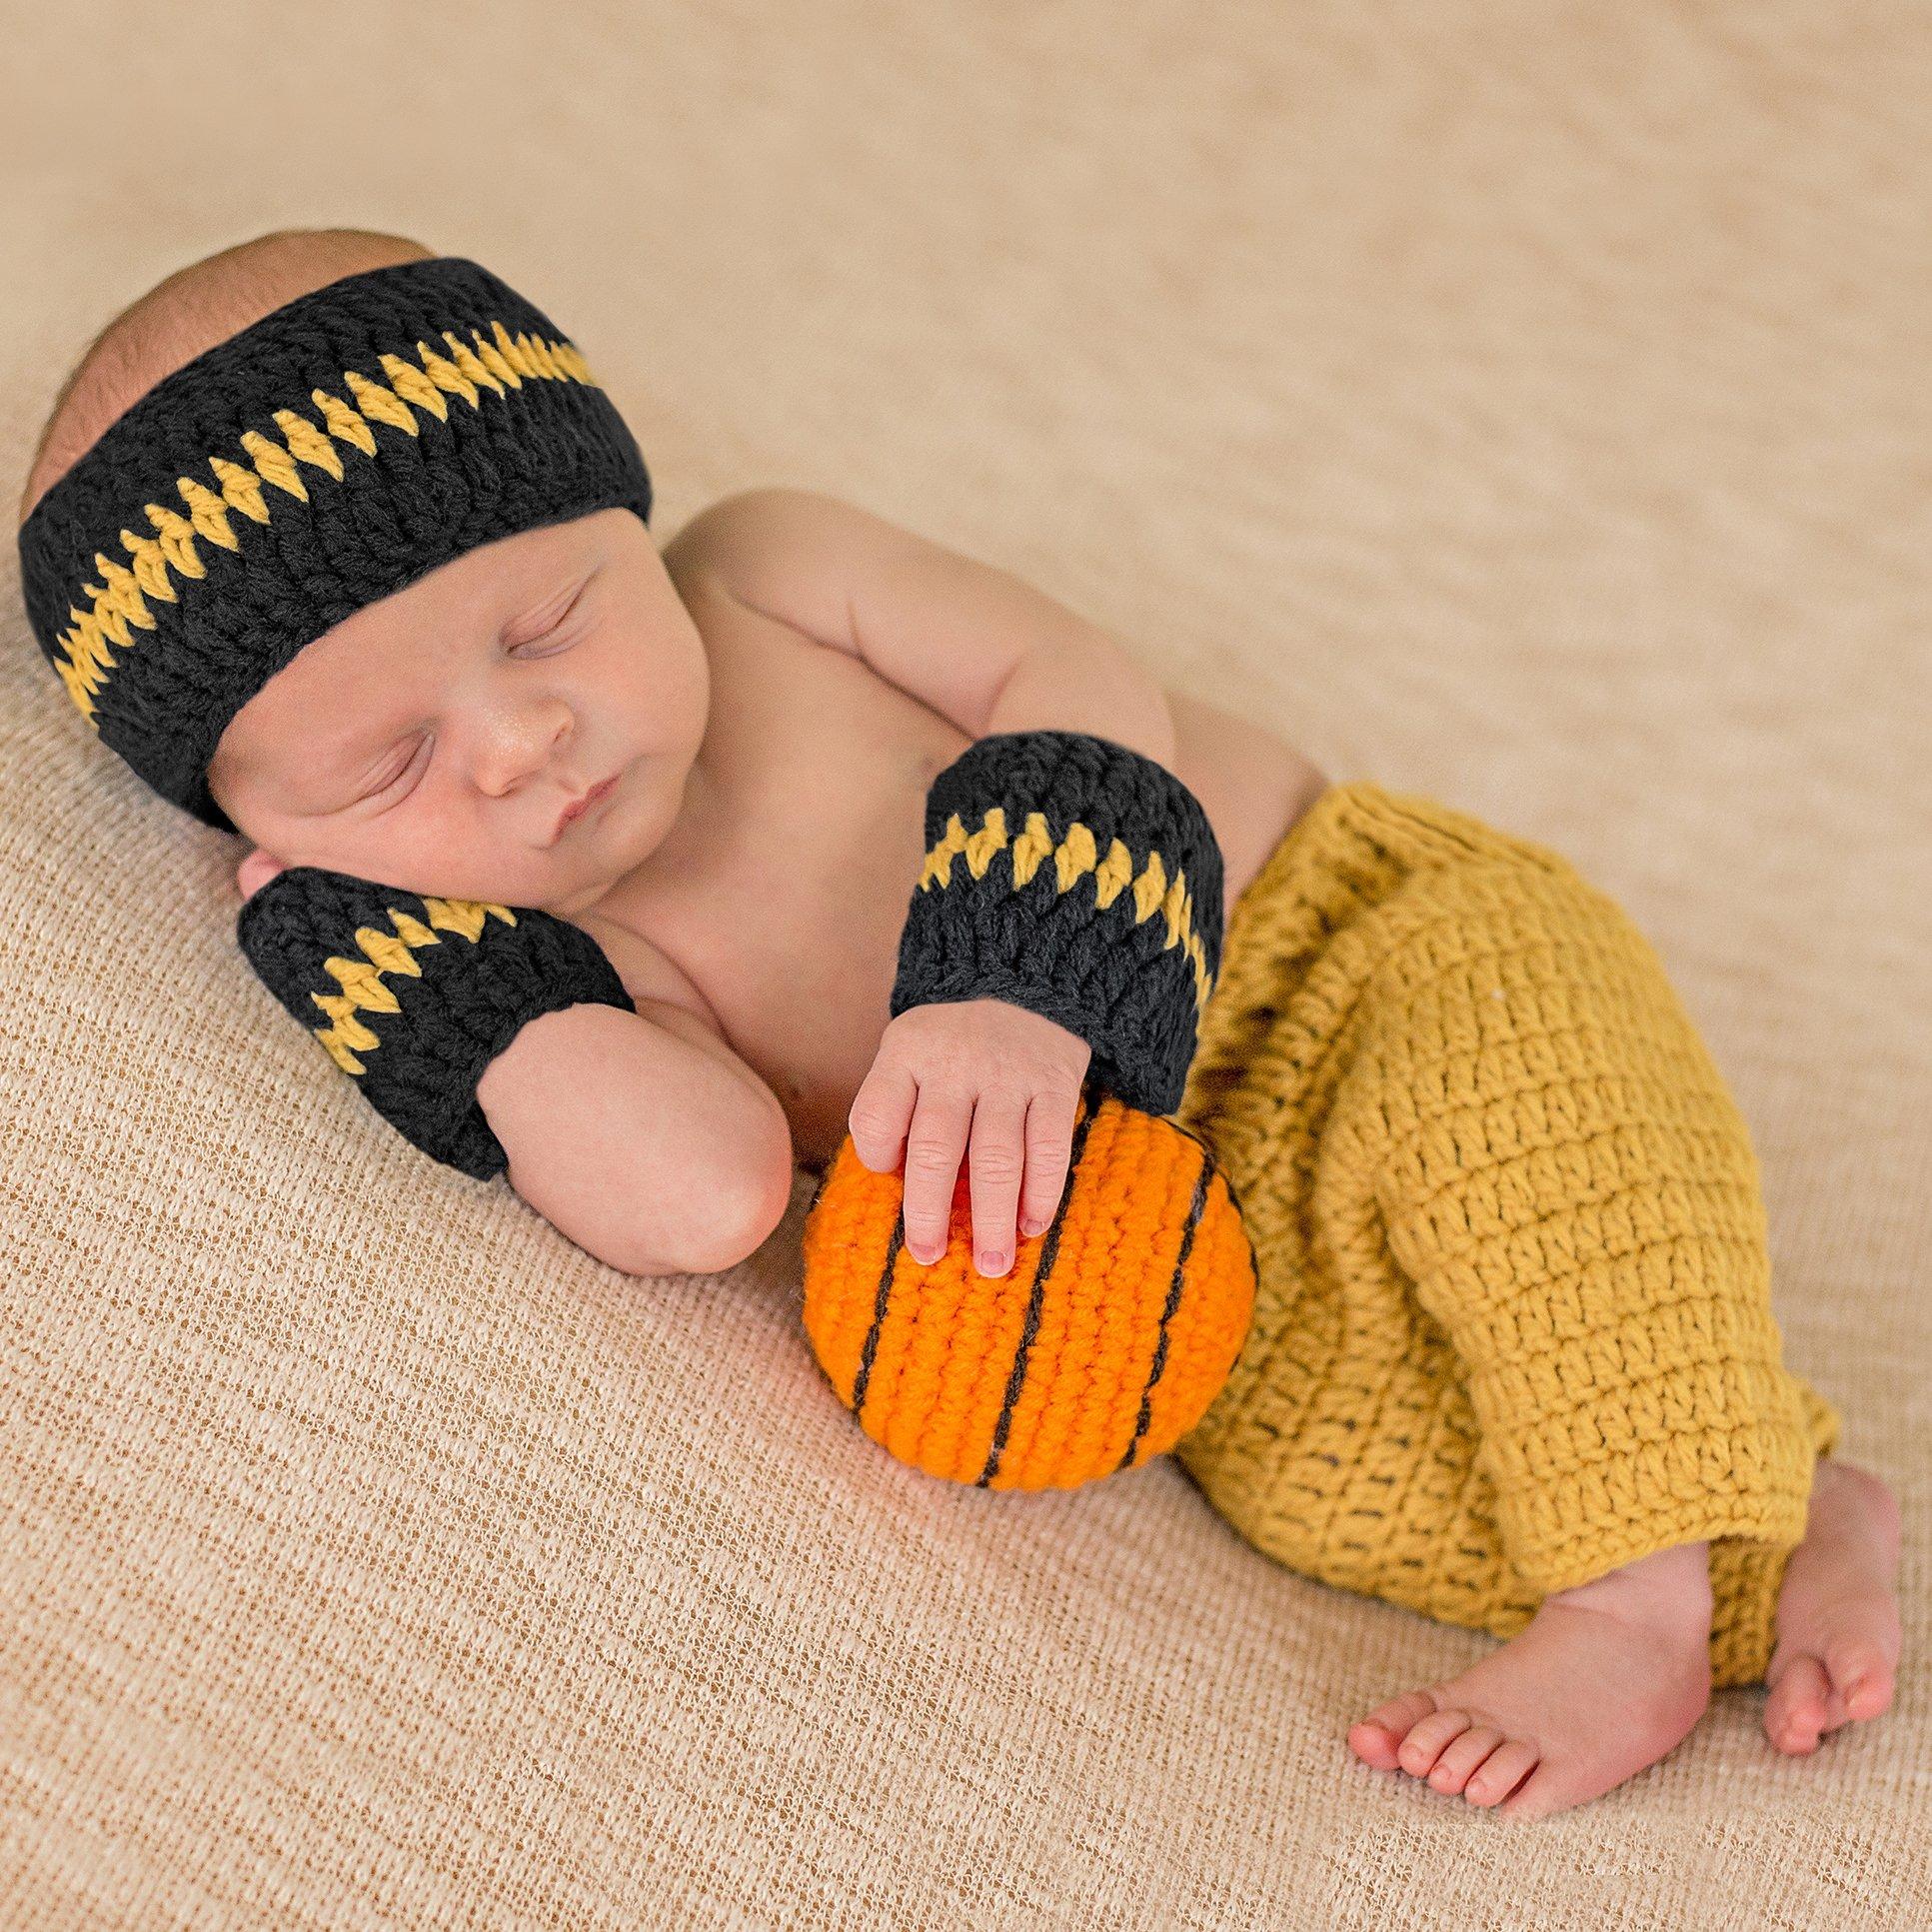 Melondipity Baby Boys Basketball Set - Sweatband, Wristband, Shorts and Ball by Melondipity Baby Hats (Image #2)